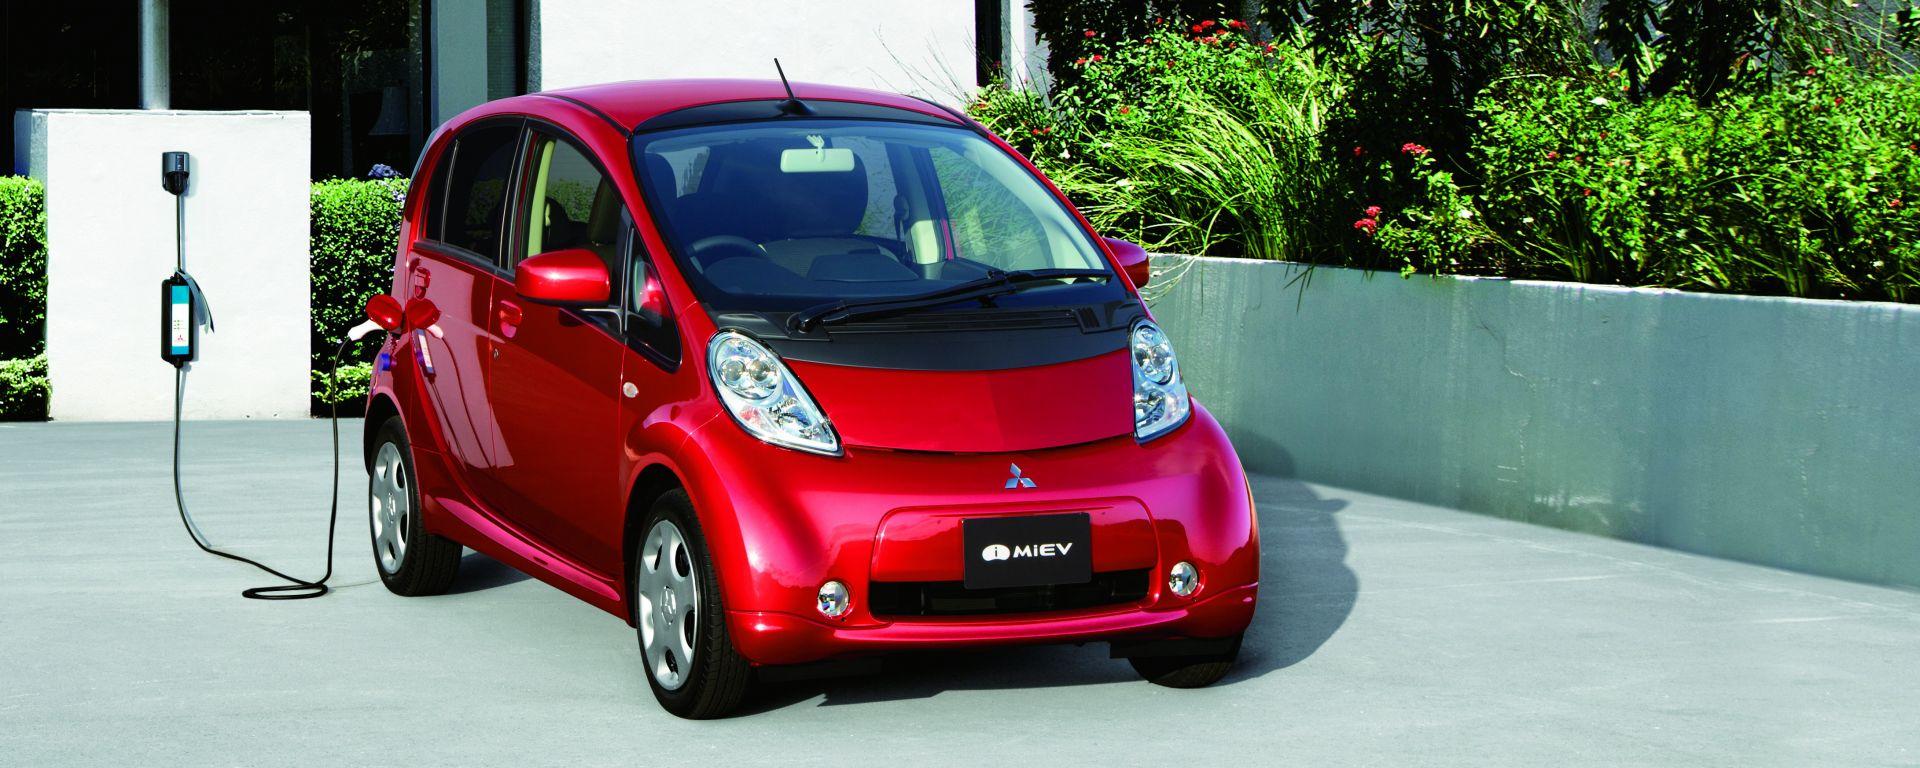 Mitsubishi i-MiEV: la city car a 0 emissioni compie 10 anni